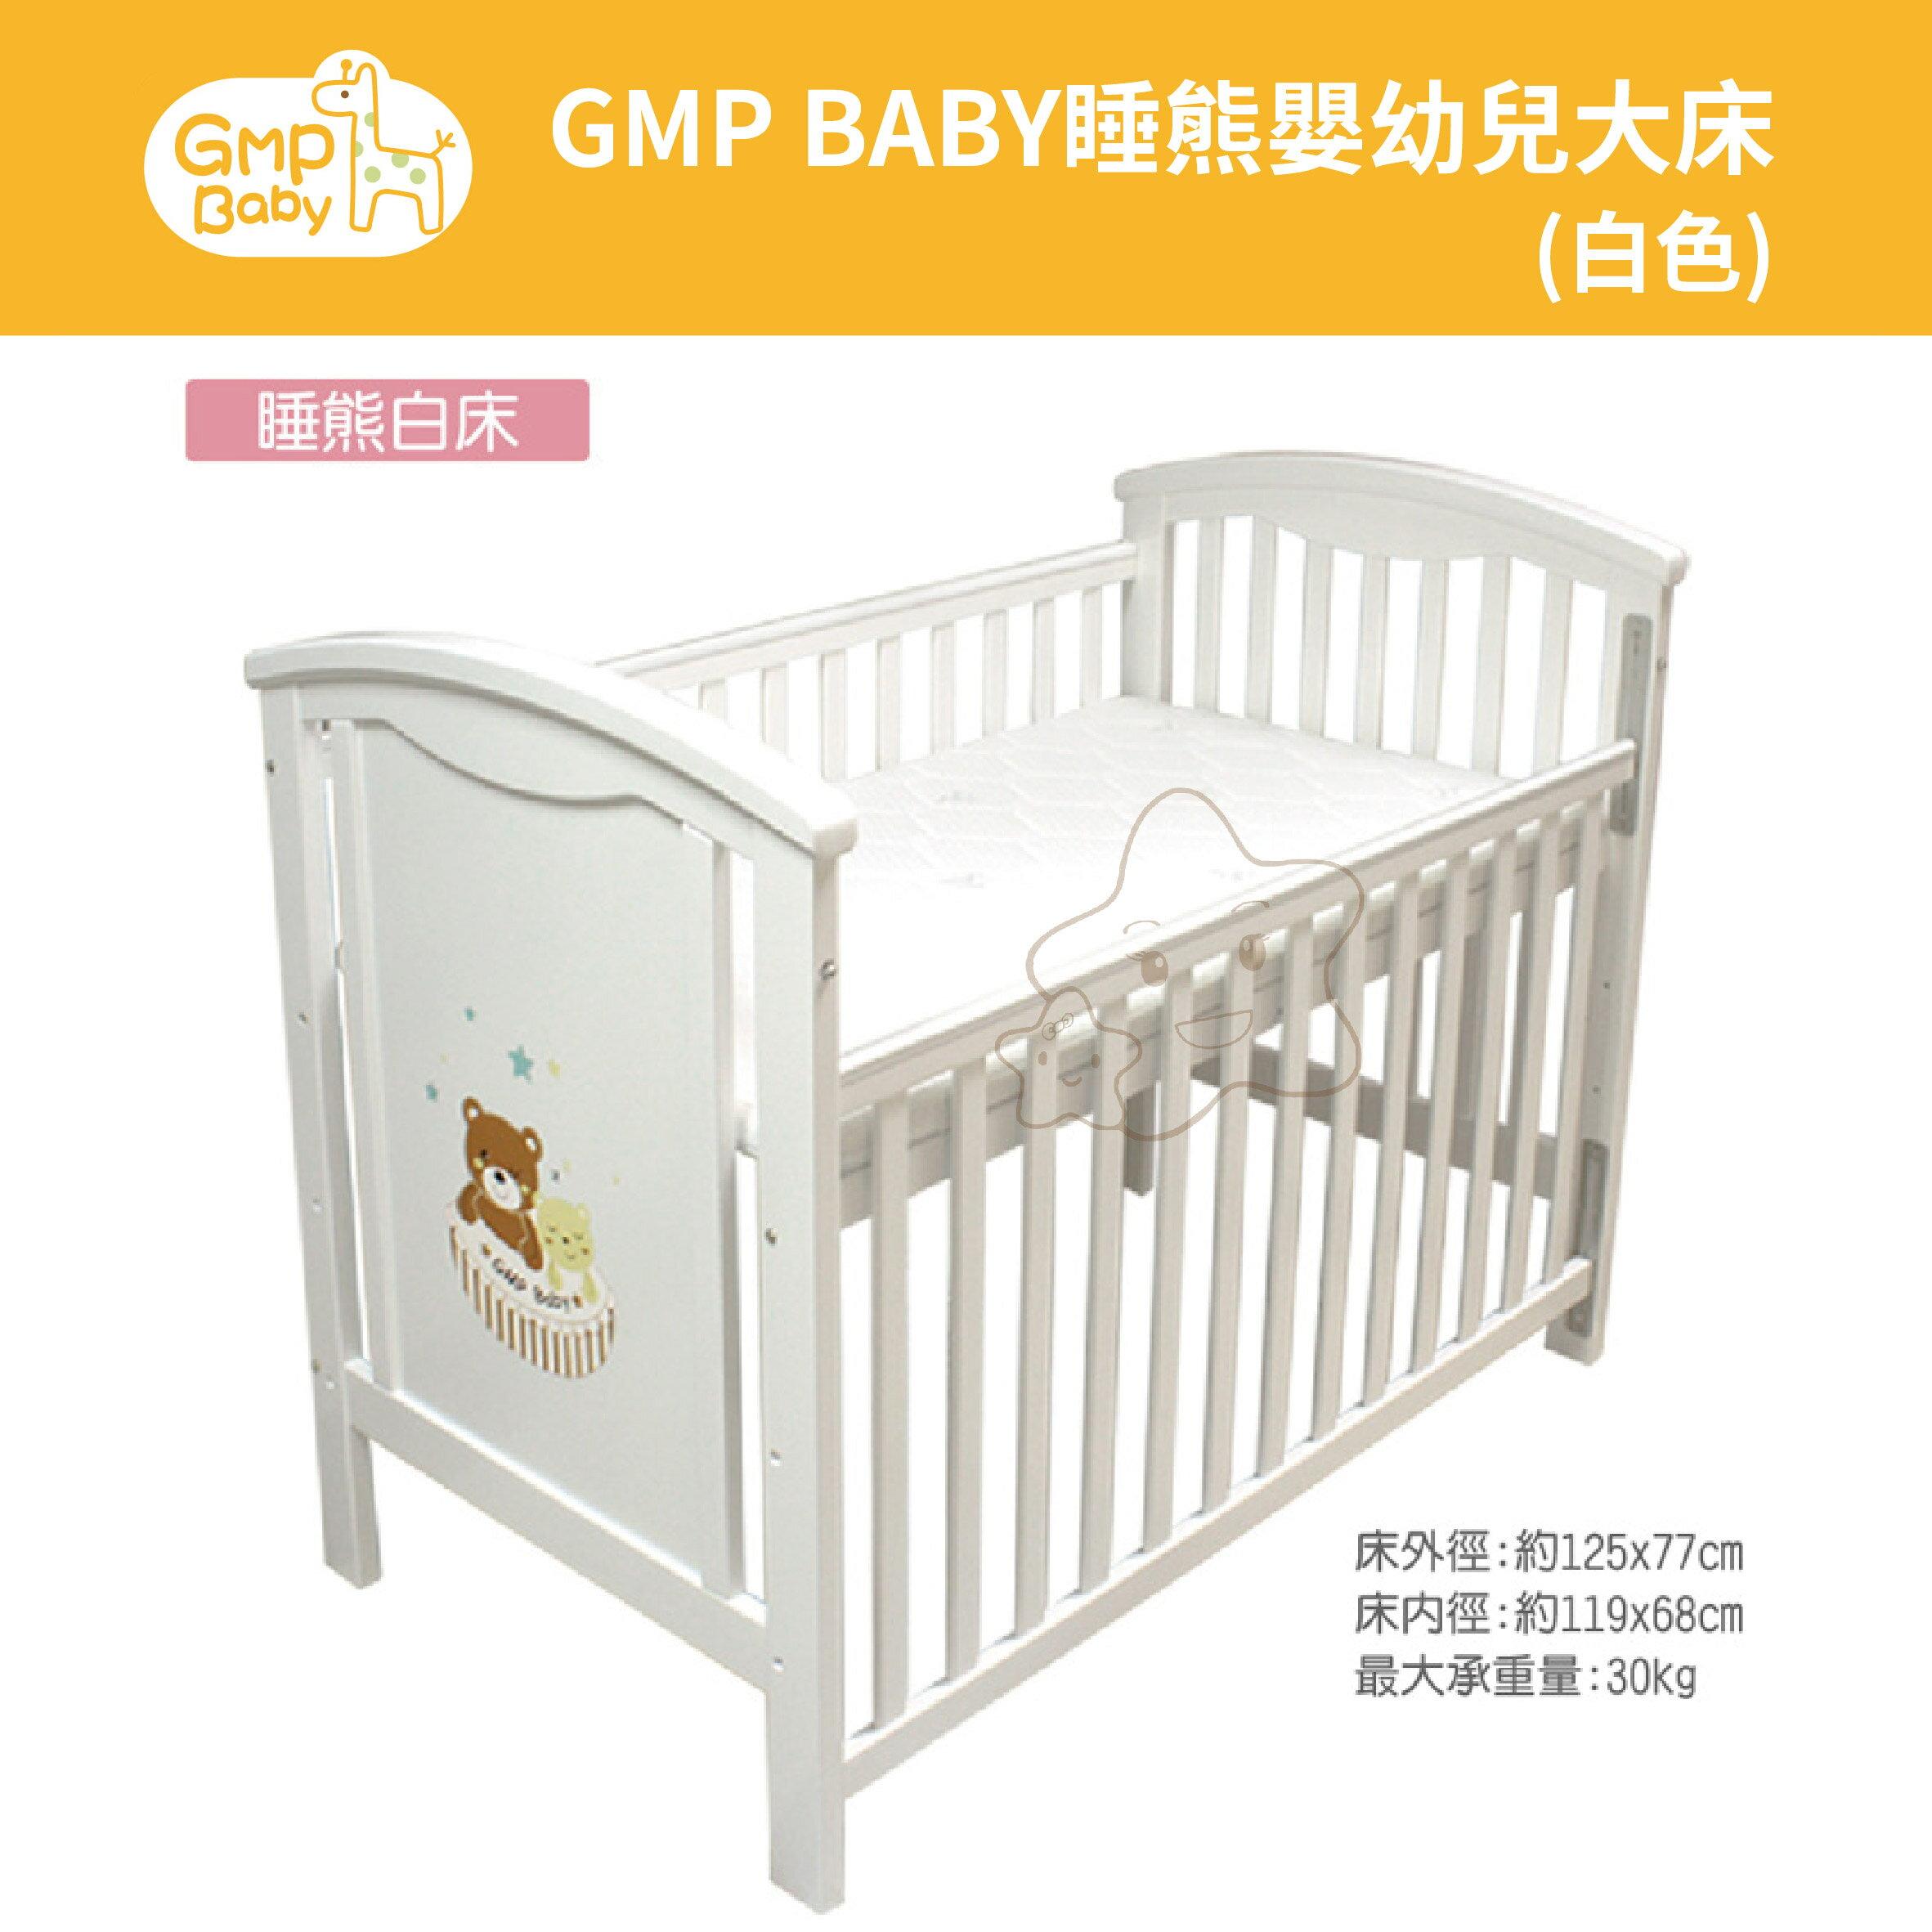 【大成婦嬰】 GMP BABY 睡熊嬰幼兒大床(墊)+成長側板 (白色、咖啡色 兩色)